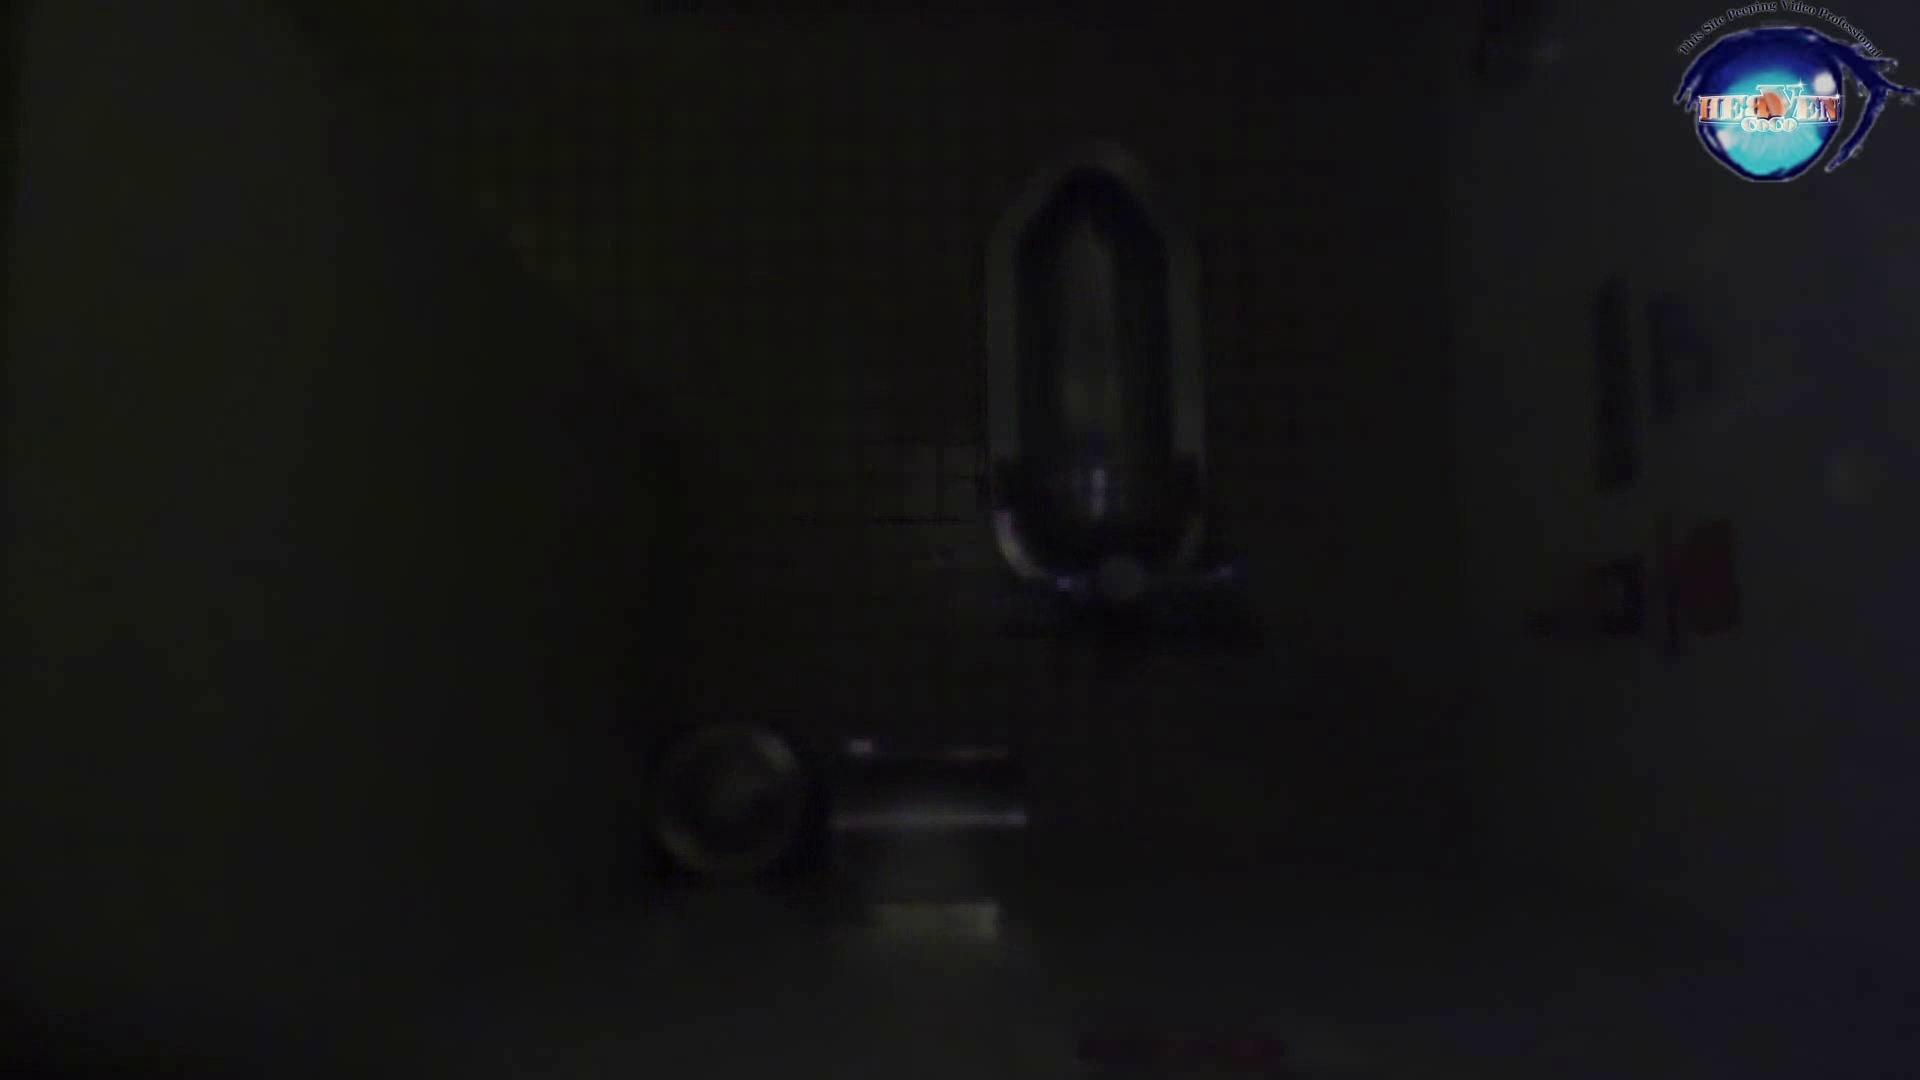 水泳大会選手の聖水 vol.04 OLのエロ生活 AV無料動画キャプチャ 55連発 42